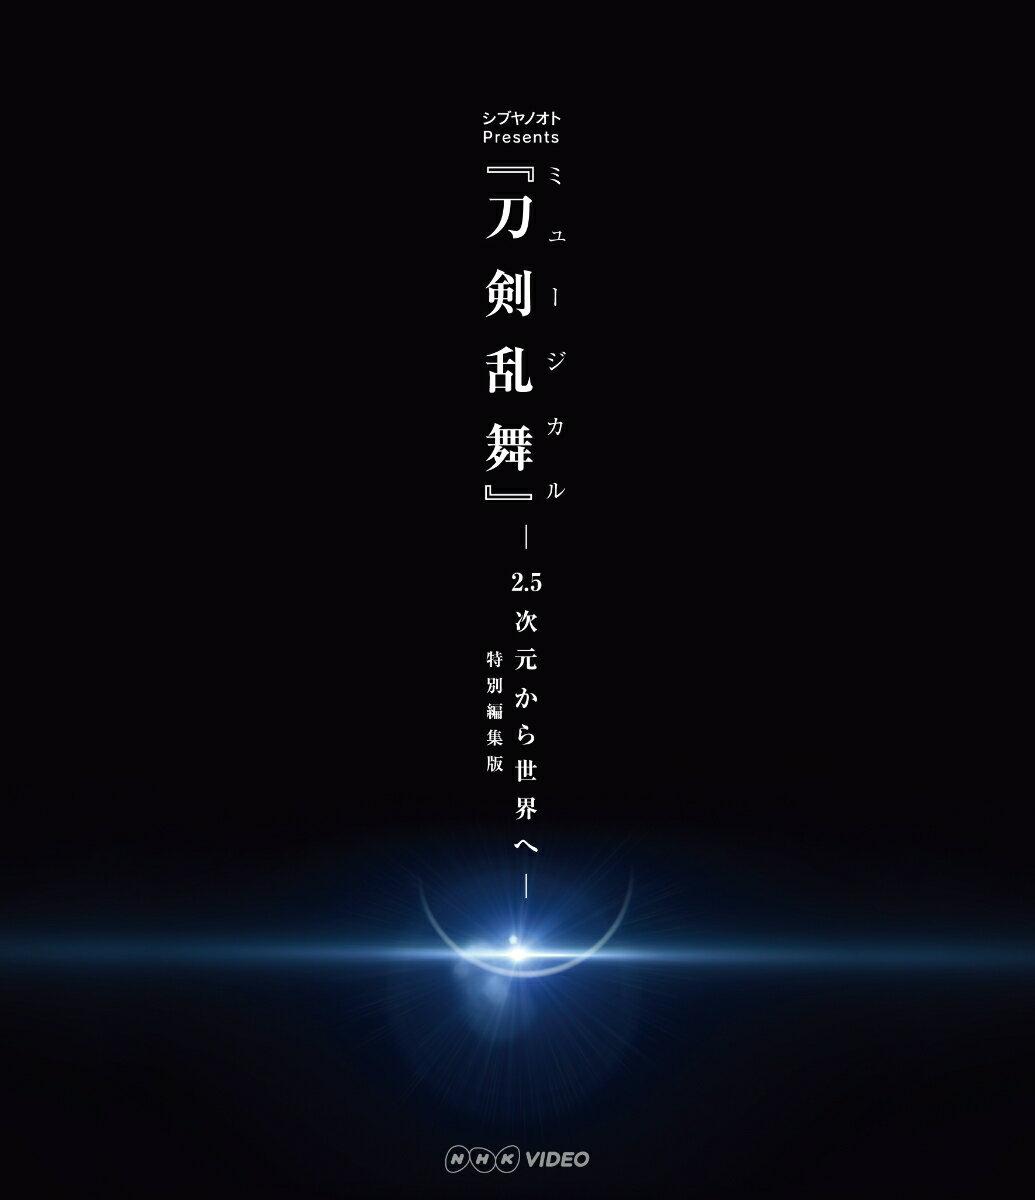 シブヤノオト Presents ミュージカル『刀剣乱舞』 -2.5次元から世界へー <特別編集版>【Blu-ray】